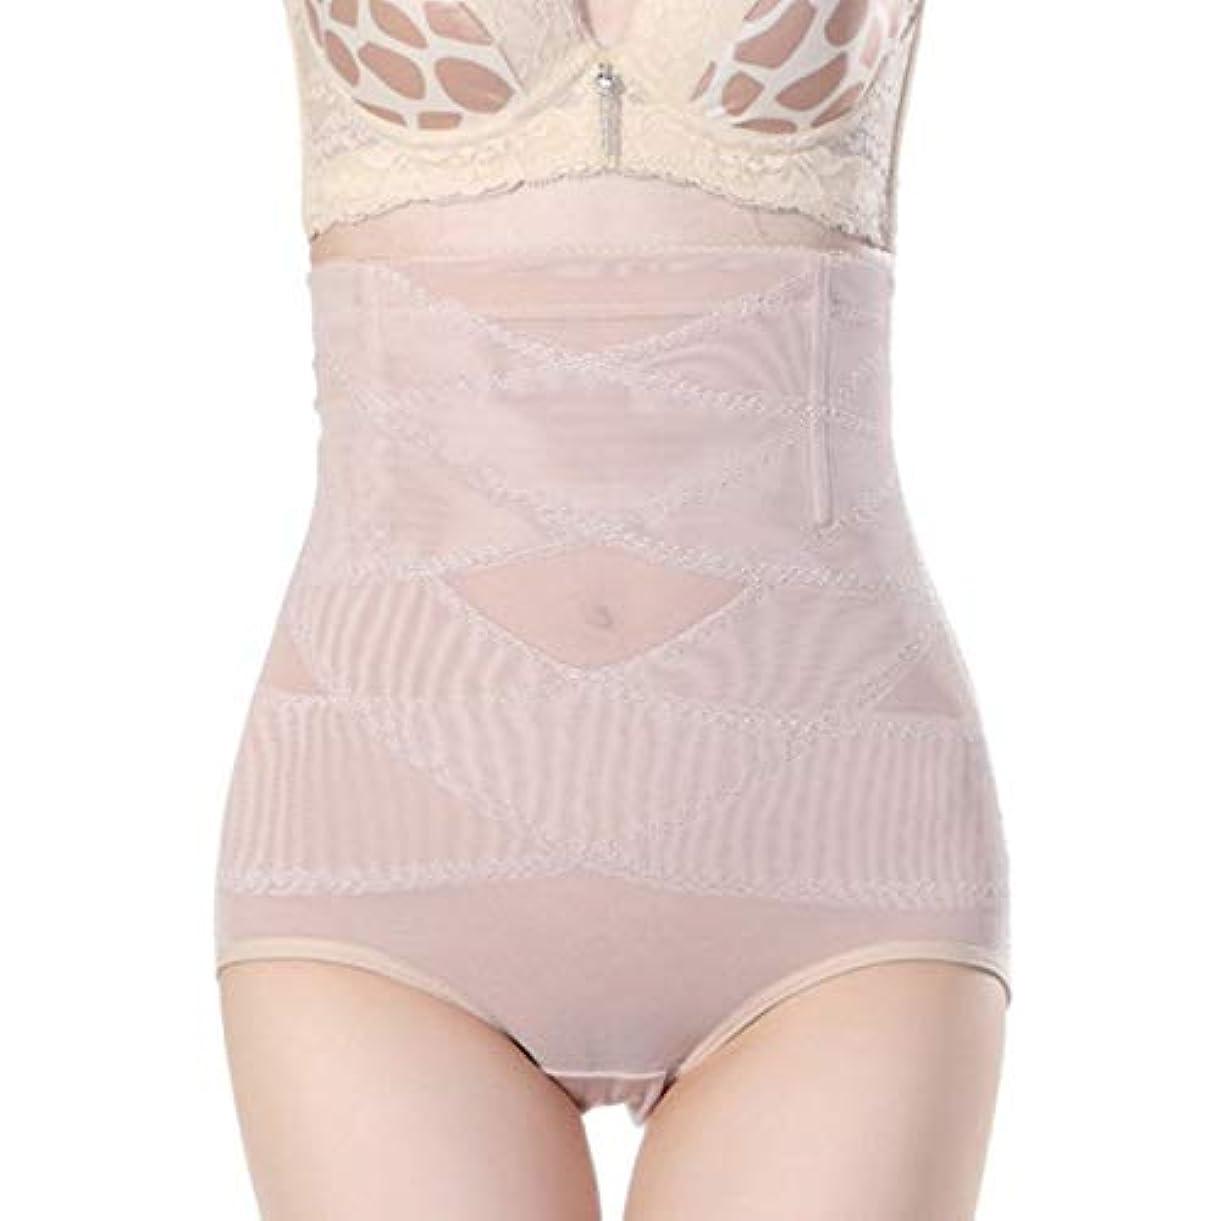 形成姿を消す生き返らせる腹部制御下着シームレスおなかコントロールパンティーバットリフターボディシェイパーを痩身通気性のハイウエストの女性 - 肌色L